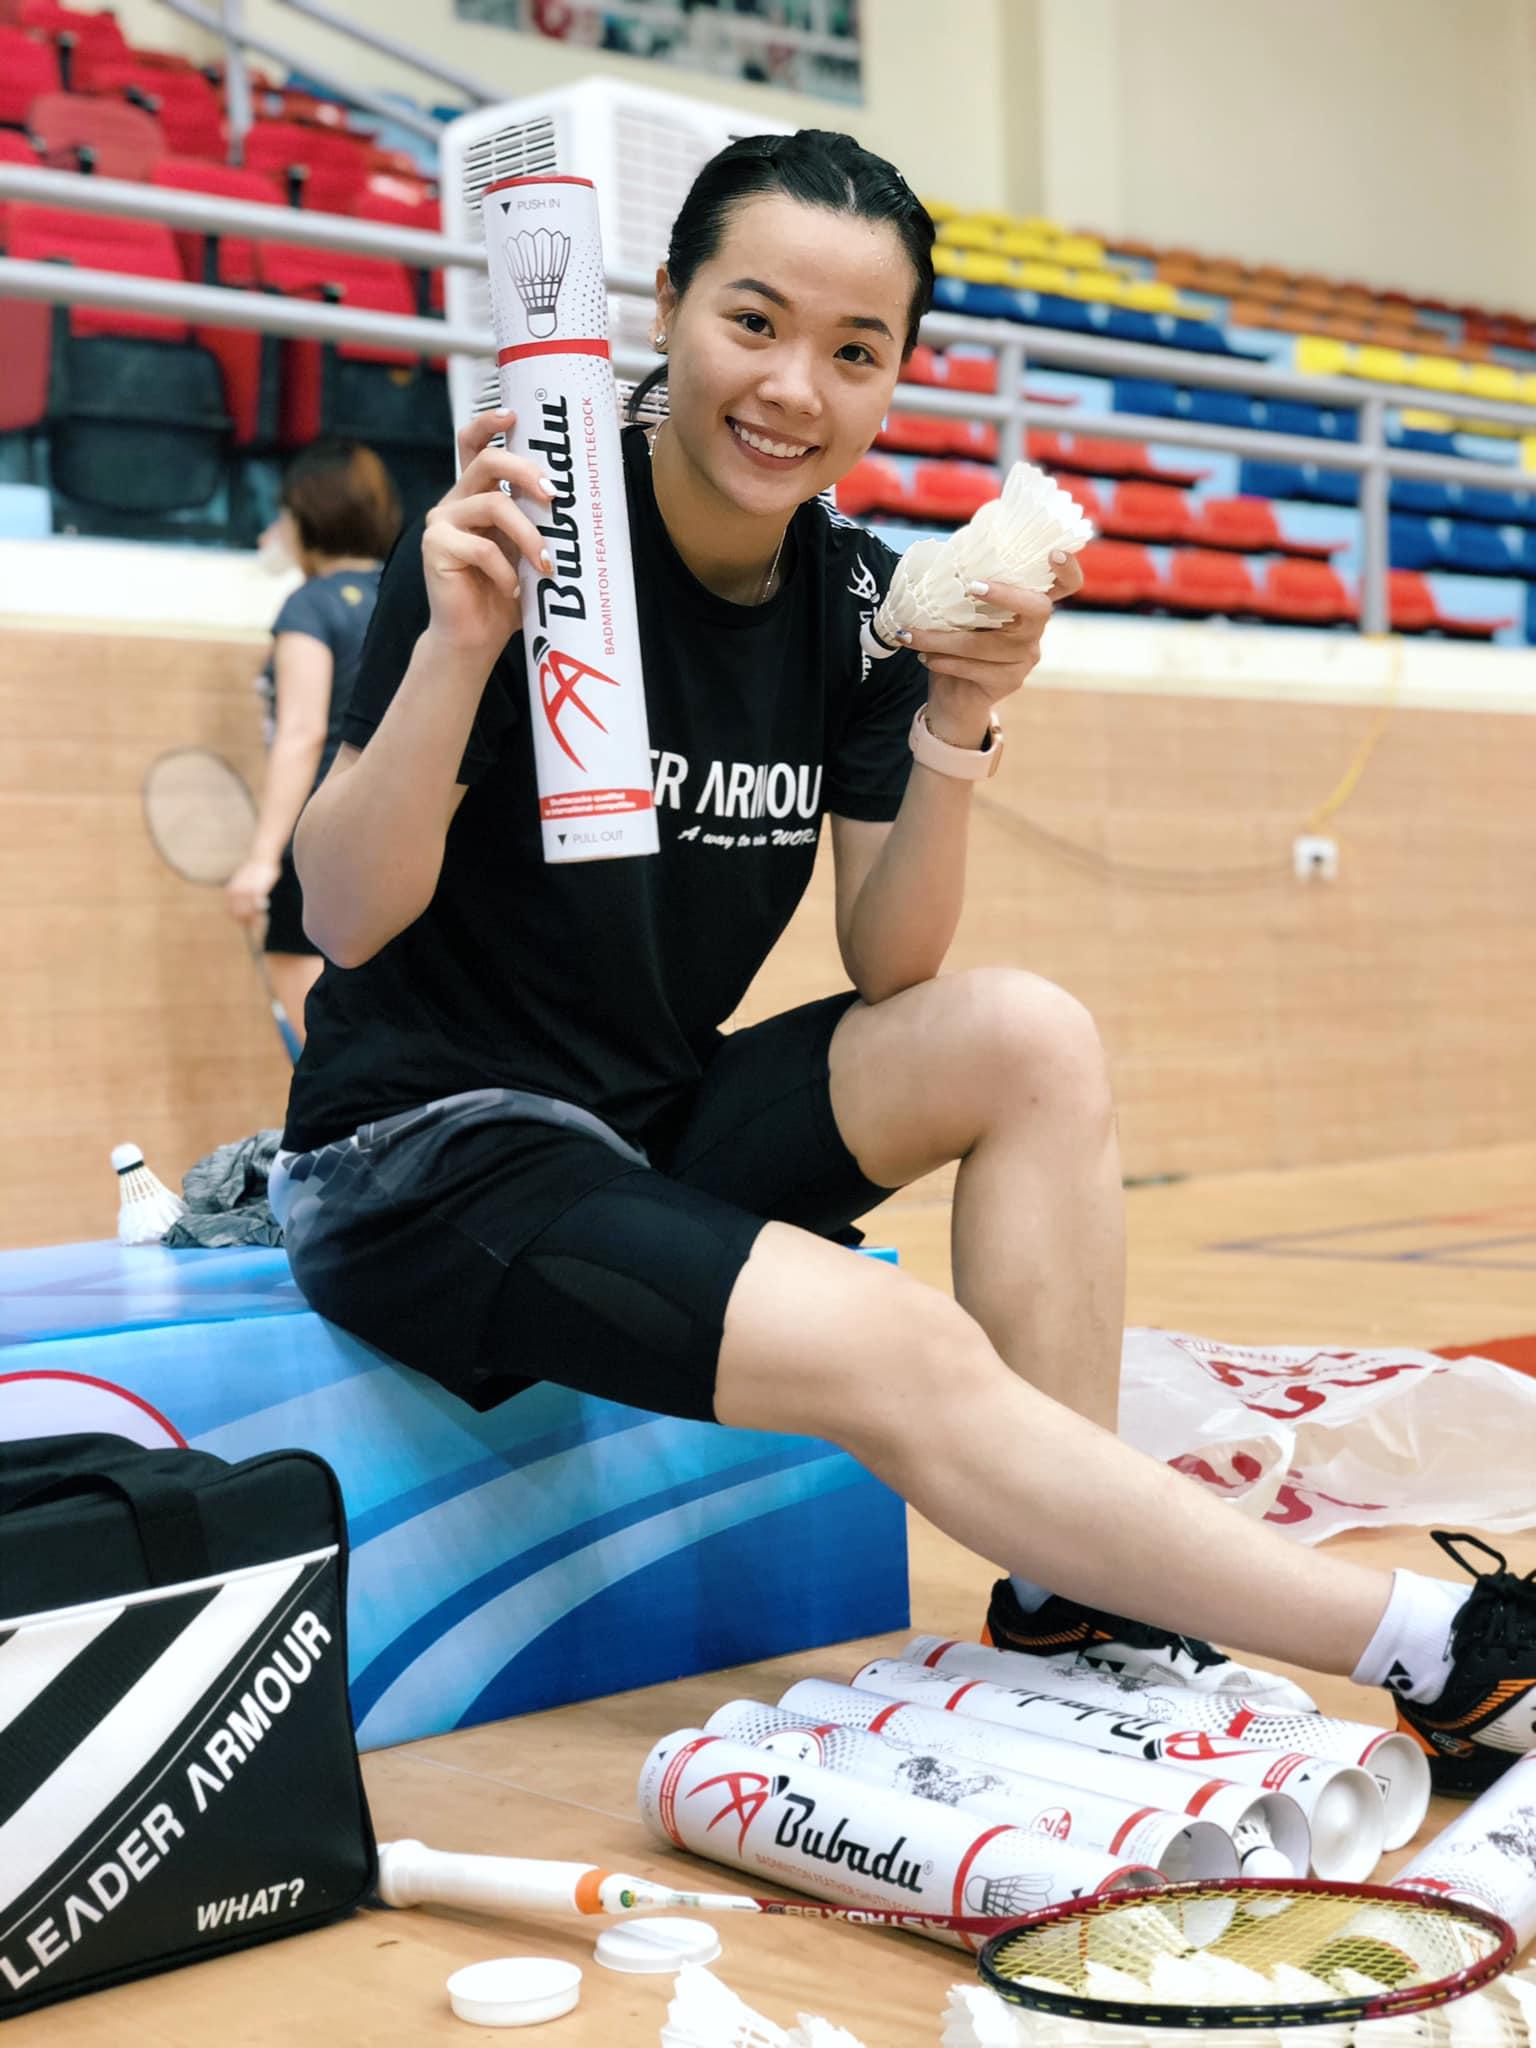 VĐV cầu lông Nguyễn Thùy Linh: Olympic là giải tiền đề để hướng tới SEA Games tại Việt Nam - ảnh 3